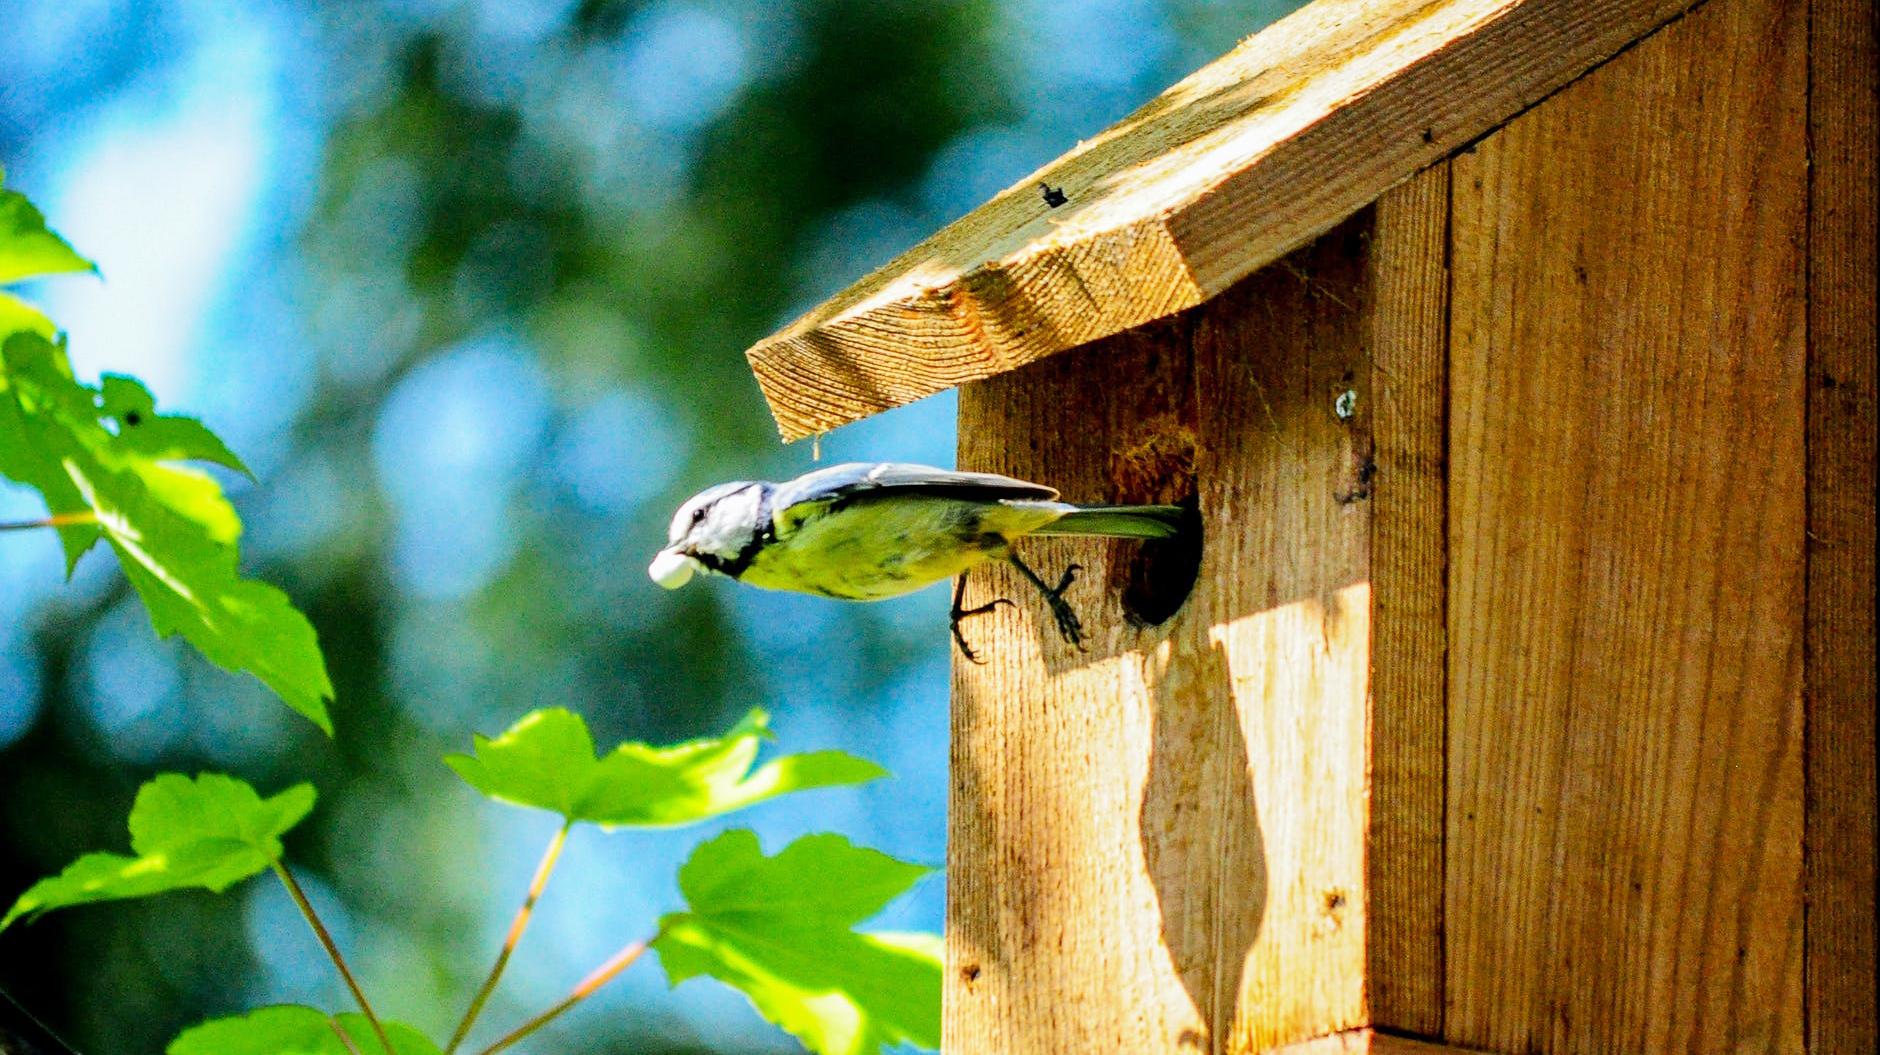 Nistkasten als Starthilfe für Vögel